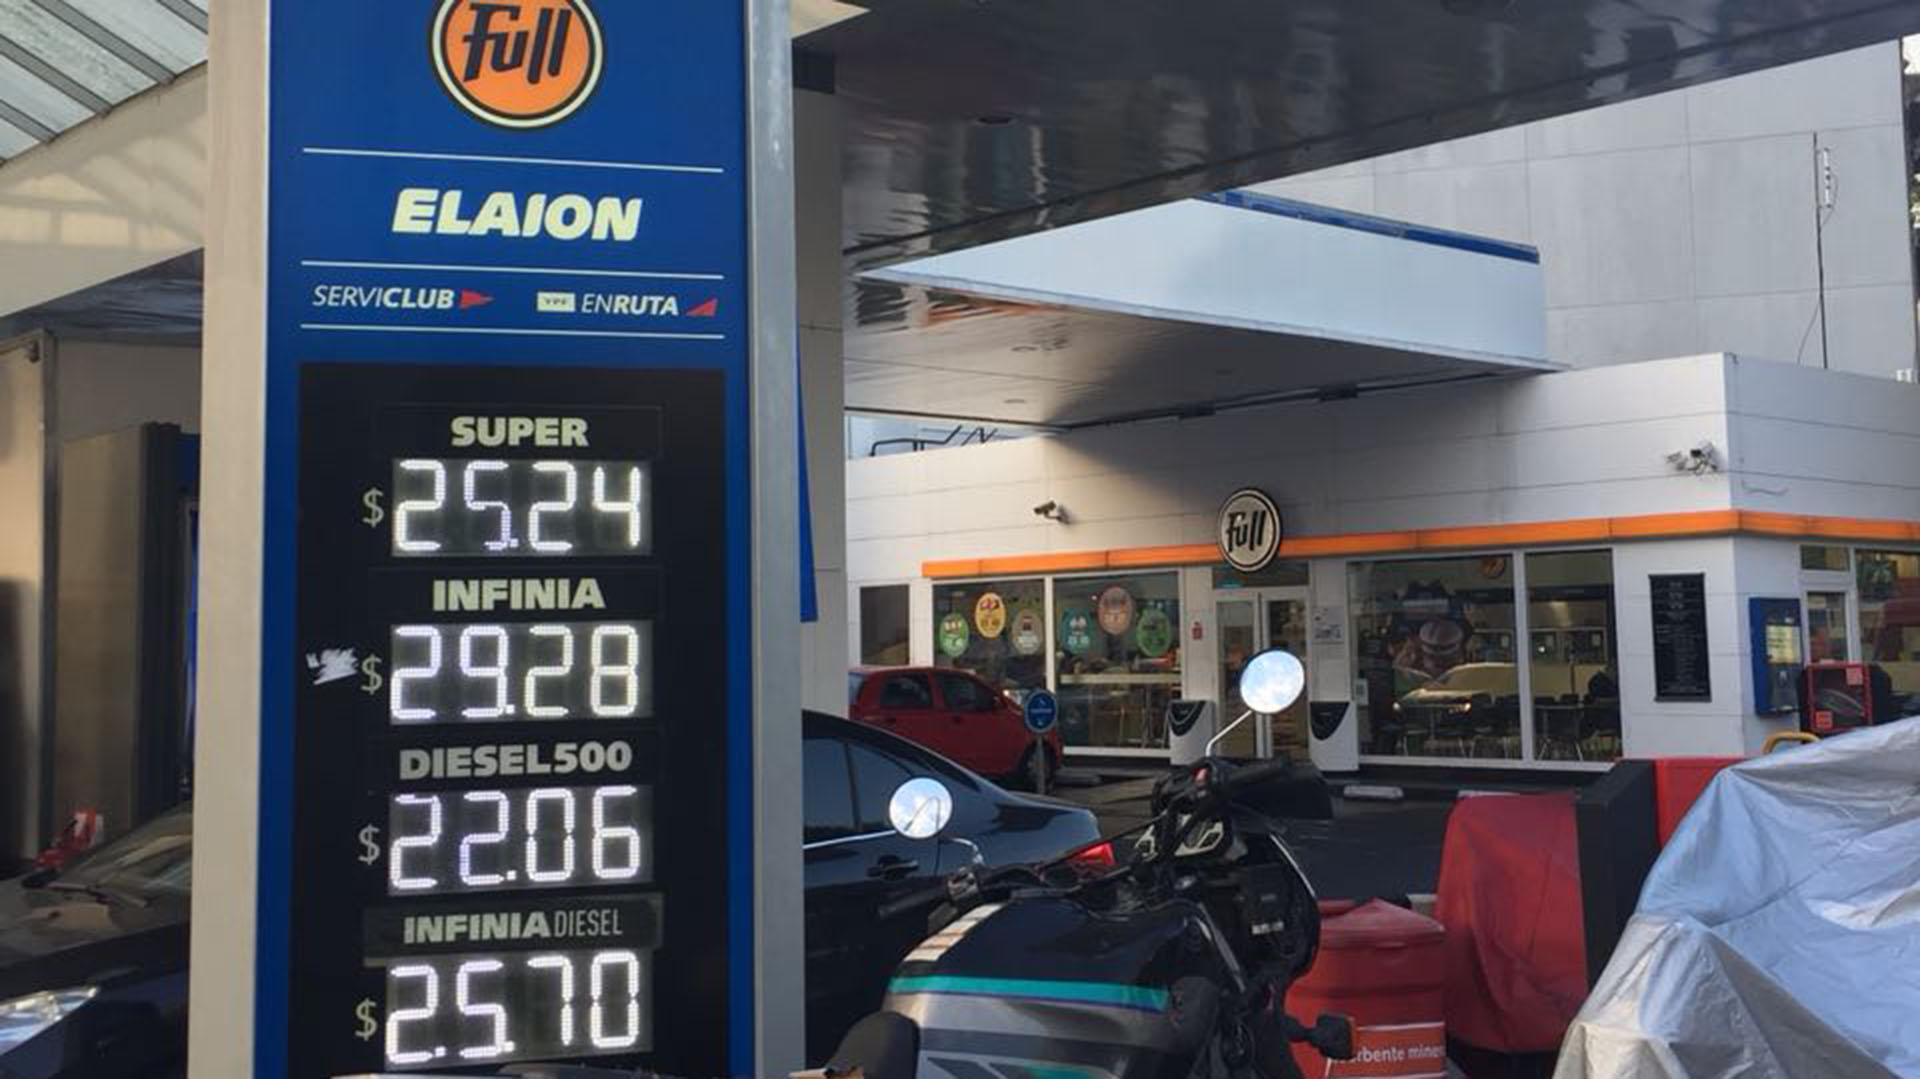 La petrolera dio a conocer nuevos aumentos en nafta y diésel